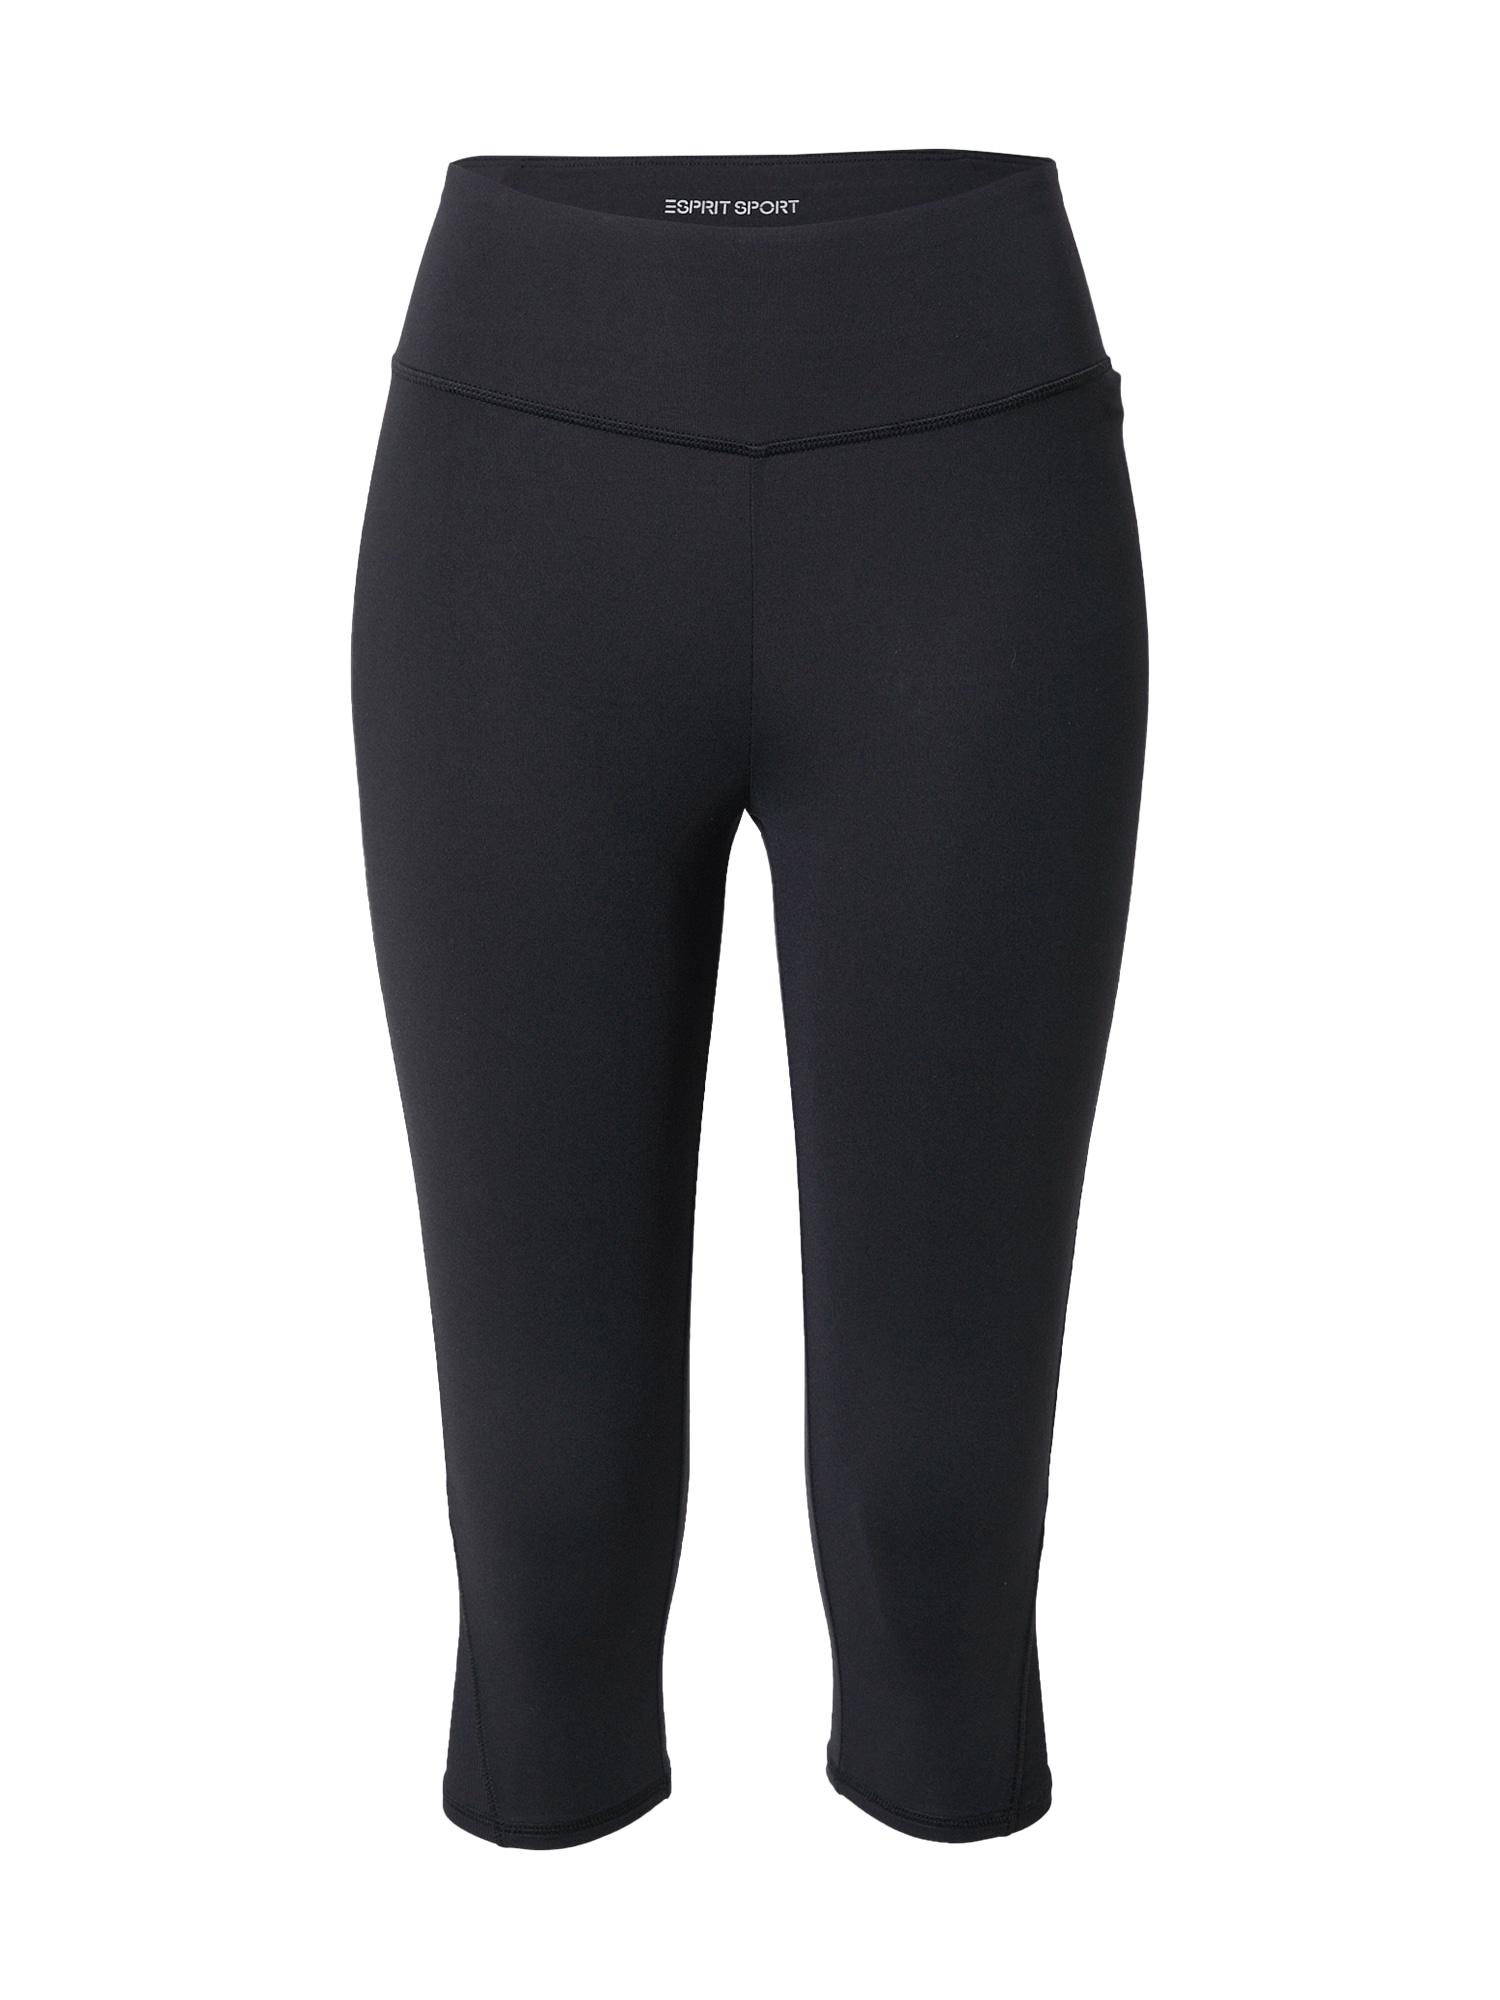 ESPRIT SPORT Sportinės kelnės juoda